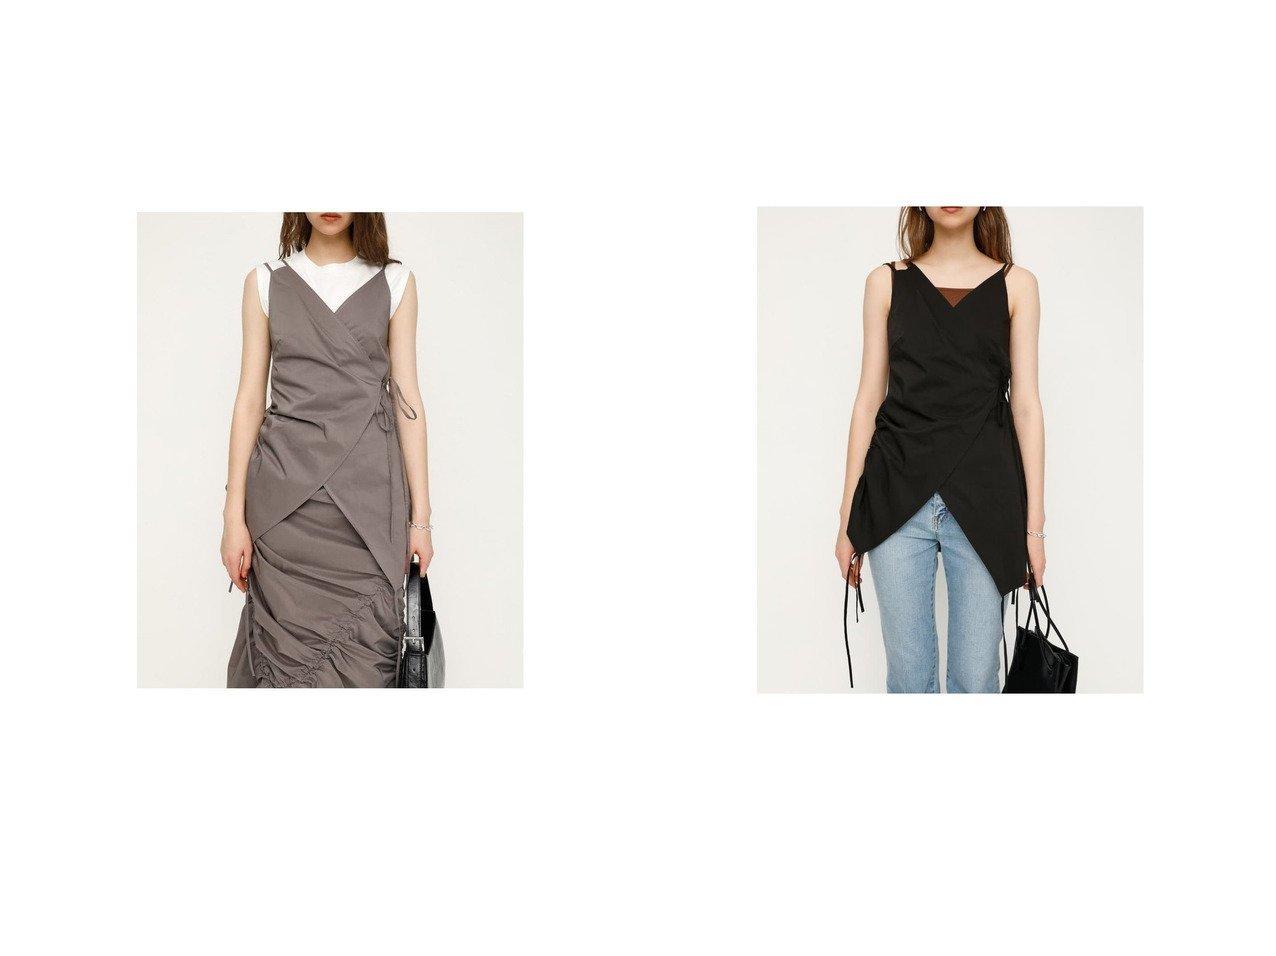 【SLY/スライ】のA トップス おすすめ!人気トレンド・レディースファッション通販 おすすめで人気の流行・トレンド、ファッションの通販商品 インテリア・家具・メンズファッション・キッズファッション・レディースファッション・服の通販 founy(ファニー) https://founy.com/ ファッション Fashion レディースファッション WOMEN トップス・カットソー Tops/Tshirt 2021年 2021 2021春夏・S/S SS/Spring/Summer/2021 S/S・春夏 SS・Spring/Summer おすすめ Recommend シャーリング シンプル セットアップ 夏 Summer 春 Spring  ID:crp329100000053079